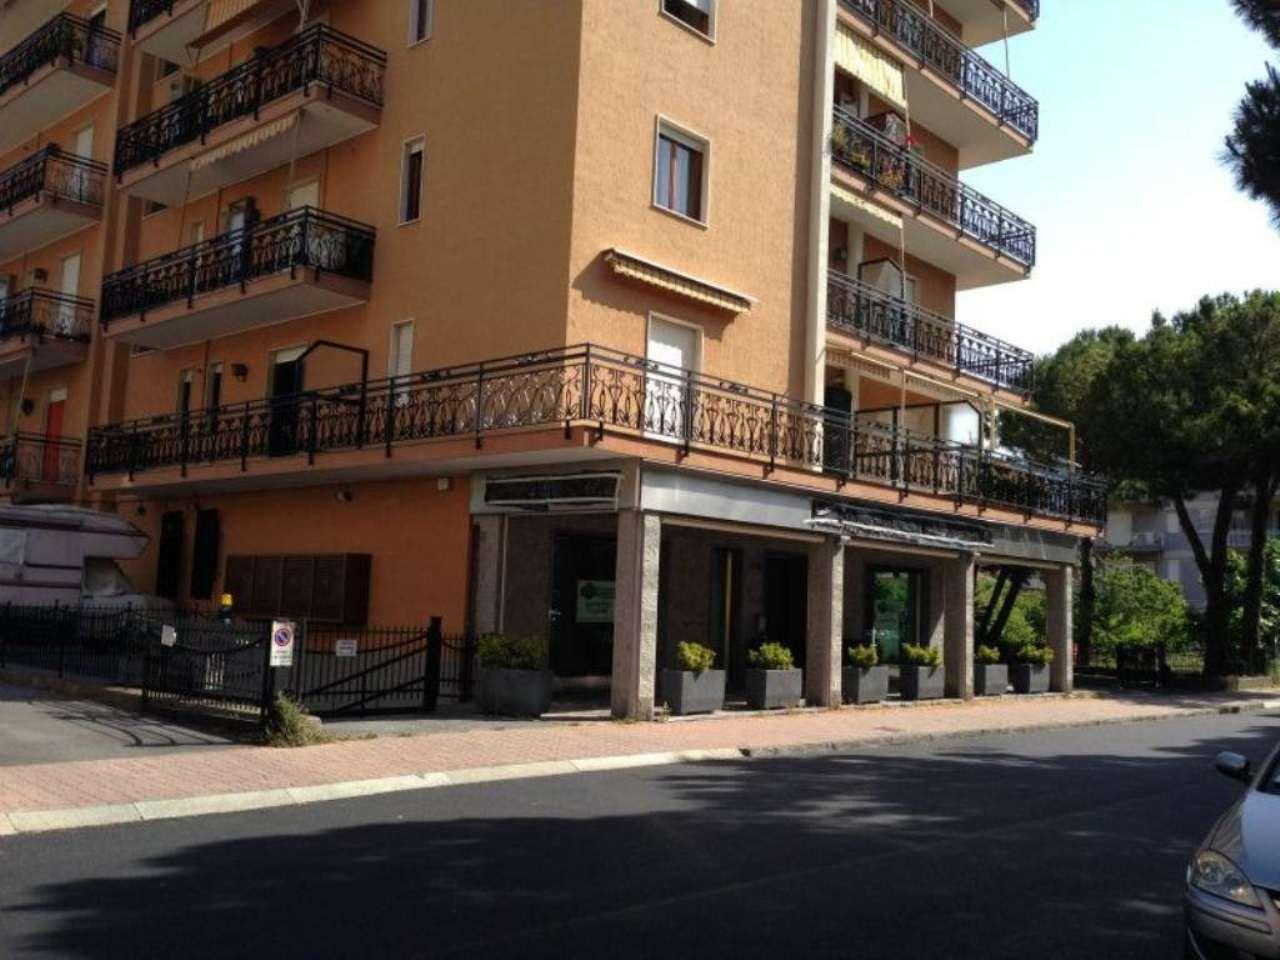 Negozio / Locale in vendita a Andora, 8 locali, Trattative riservate | Cambio Casa.it